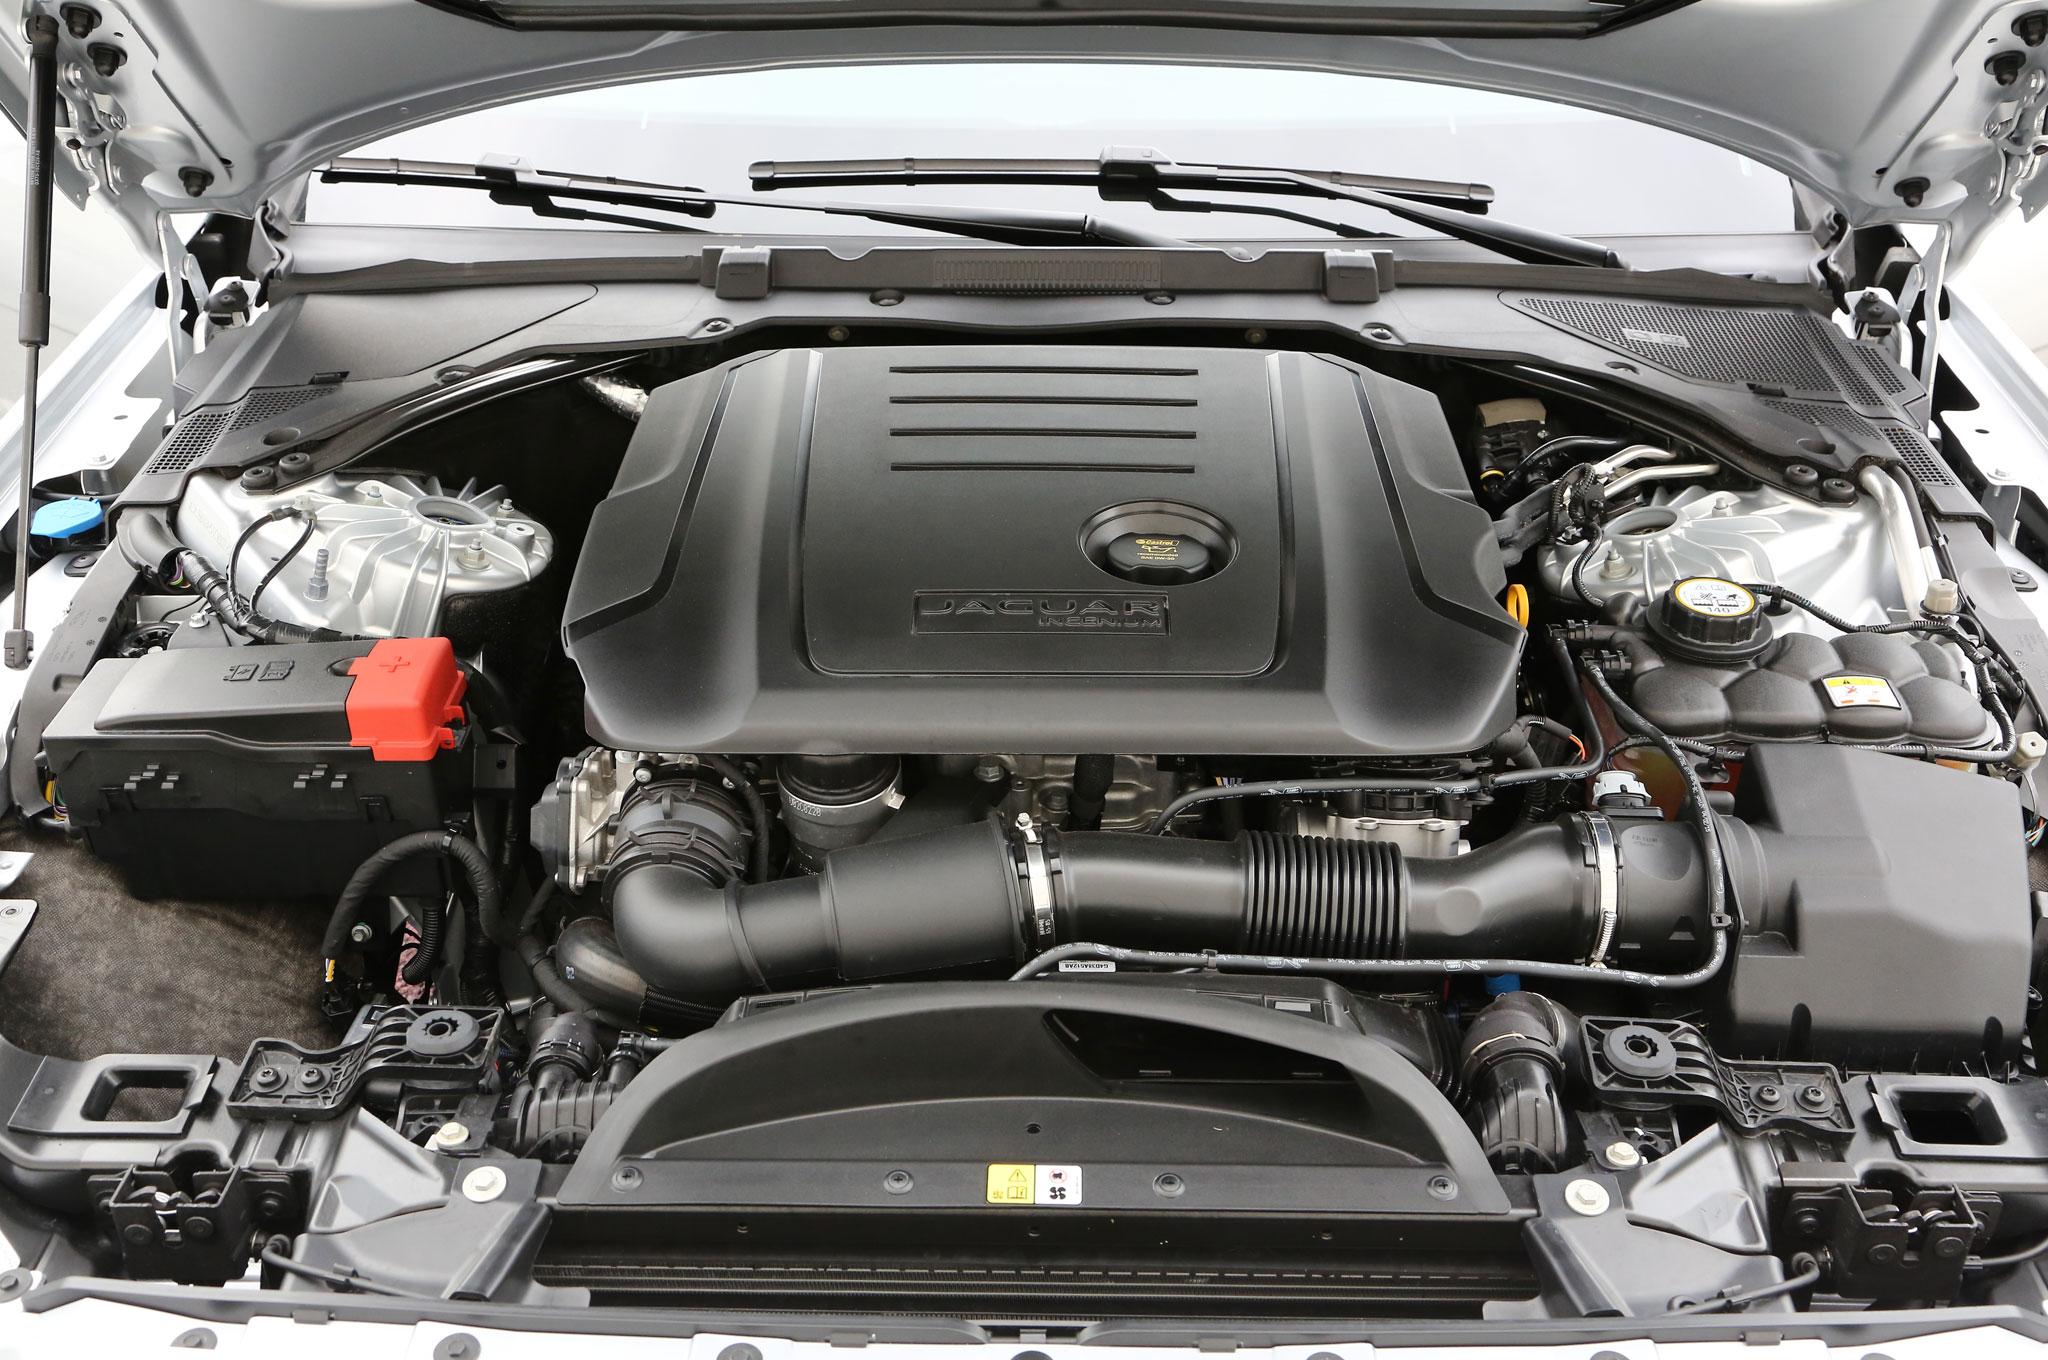 engine used for oem jaguar engines xe complete sale motor catalog cylinder